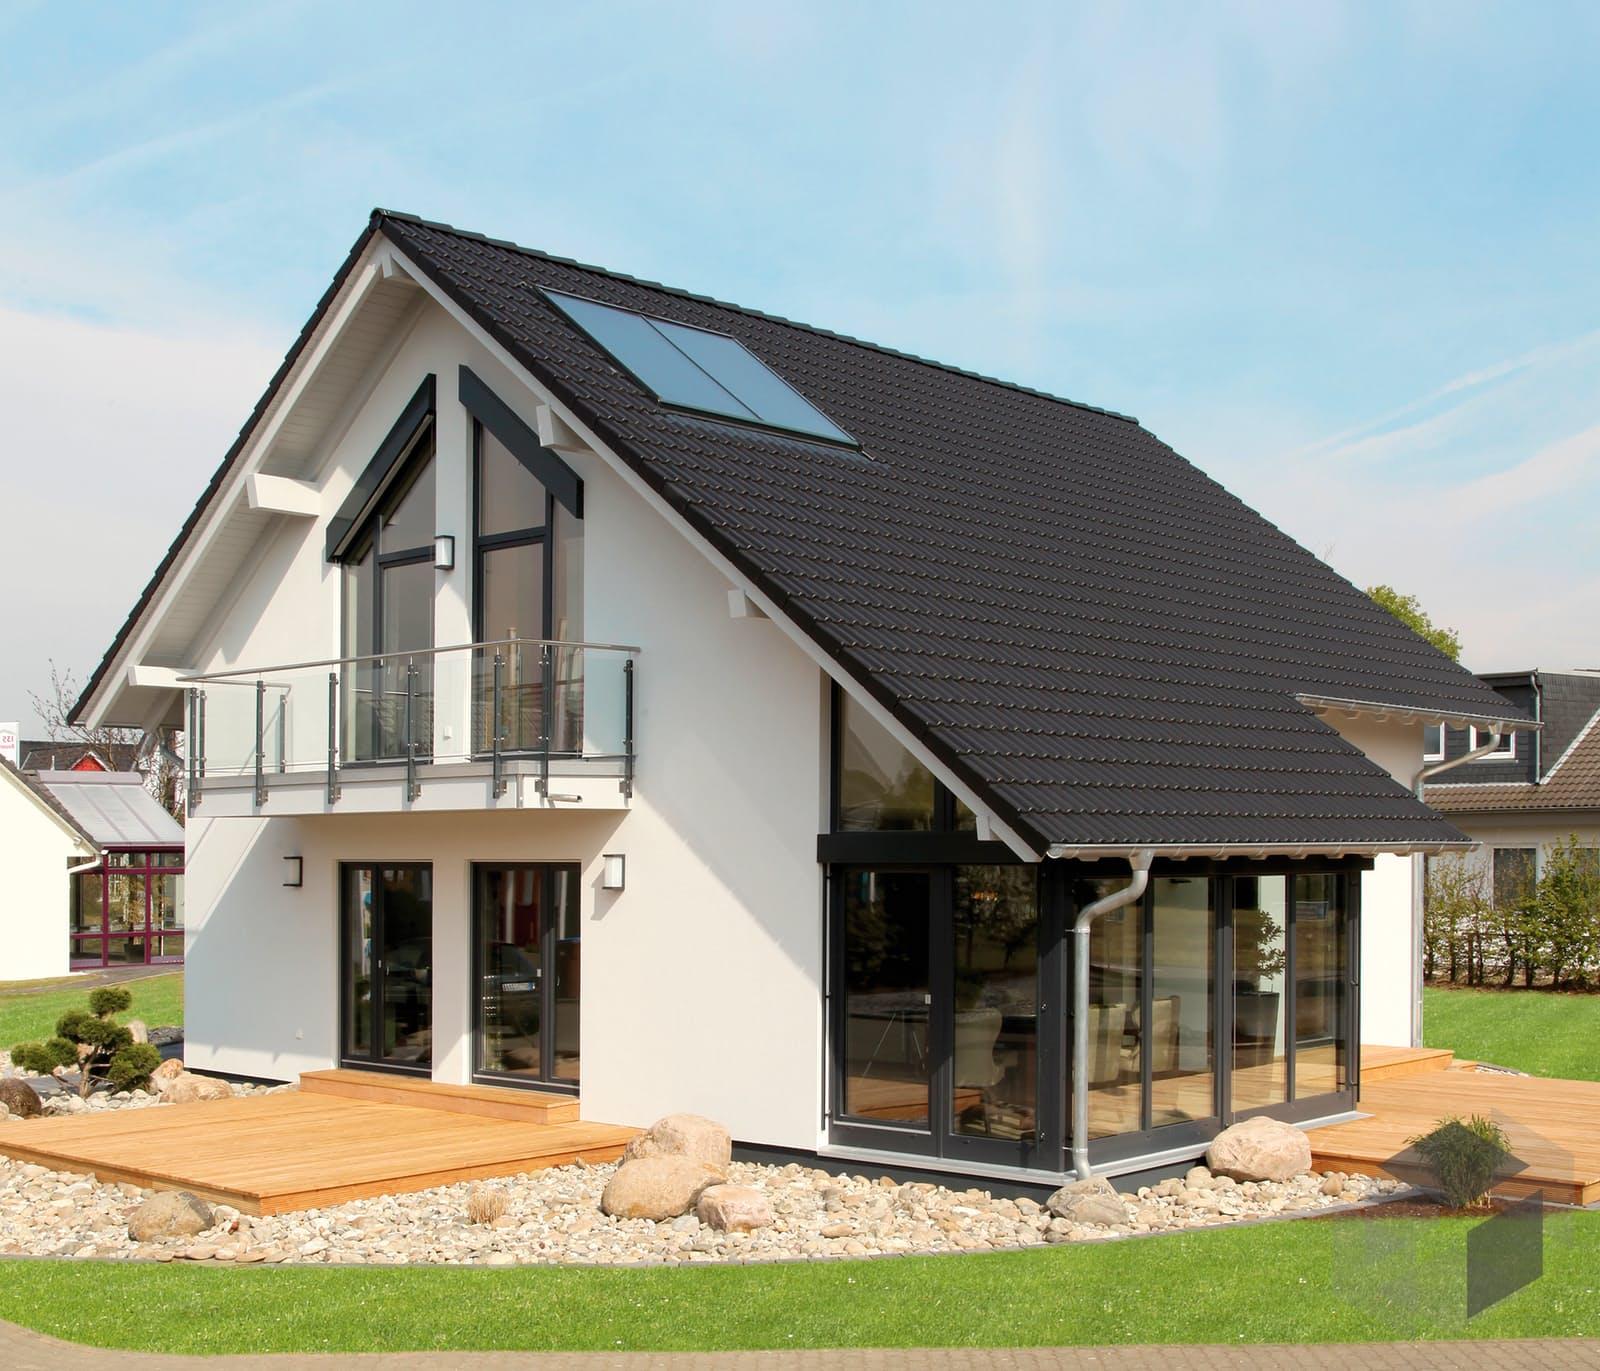 medley 3 0 sonderedition musterhaus m hlheim k rlich von fingerhaus komplette. Black Bedroom Furniture Sets. Home Design Ideas